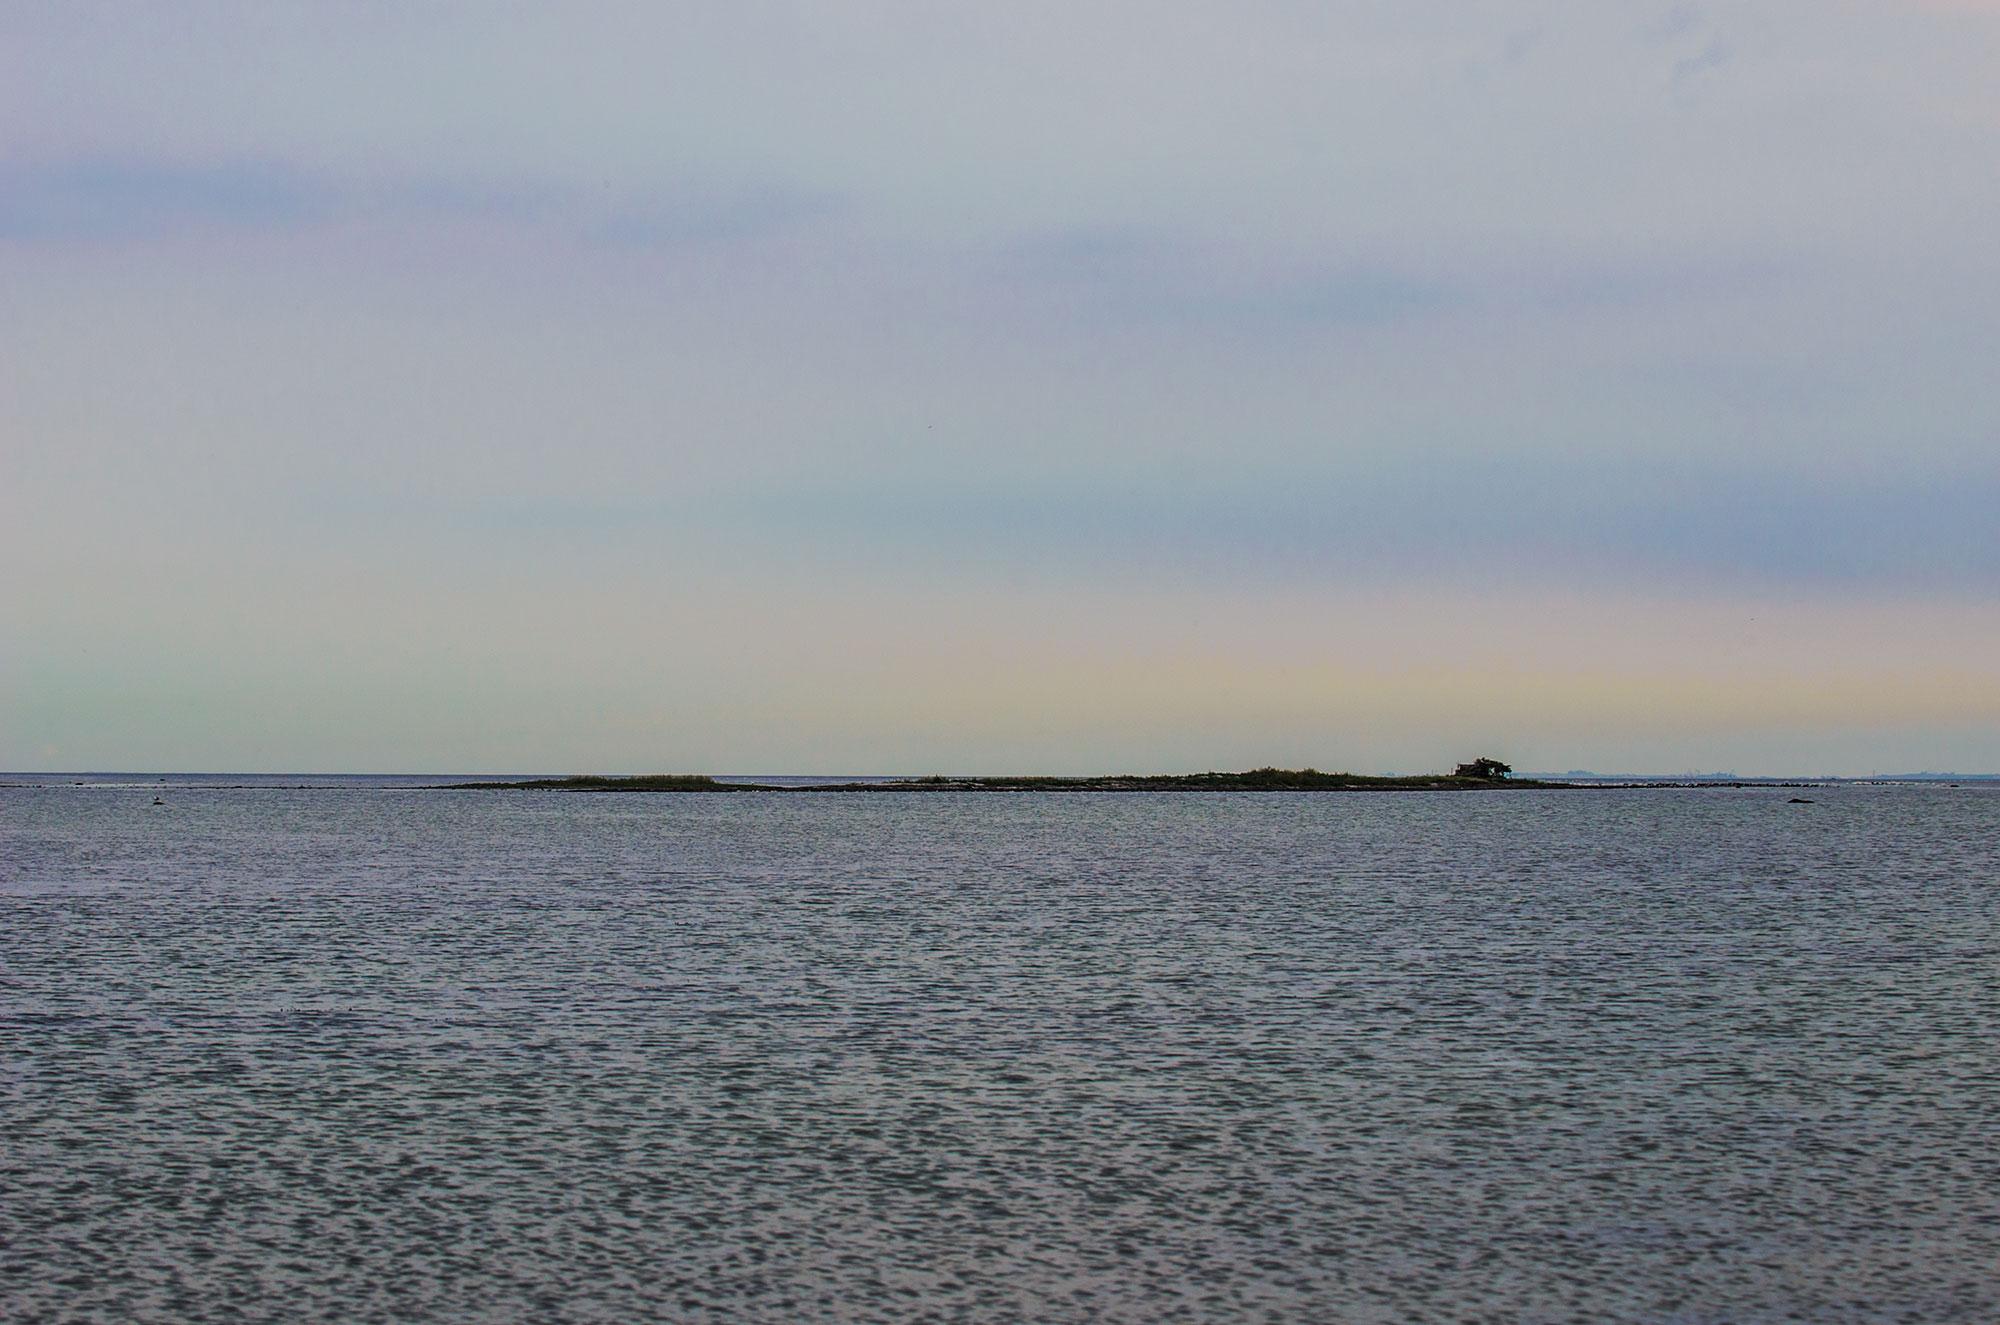 Svaneklapperne er små øer på Saltholm